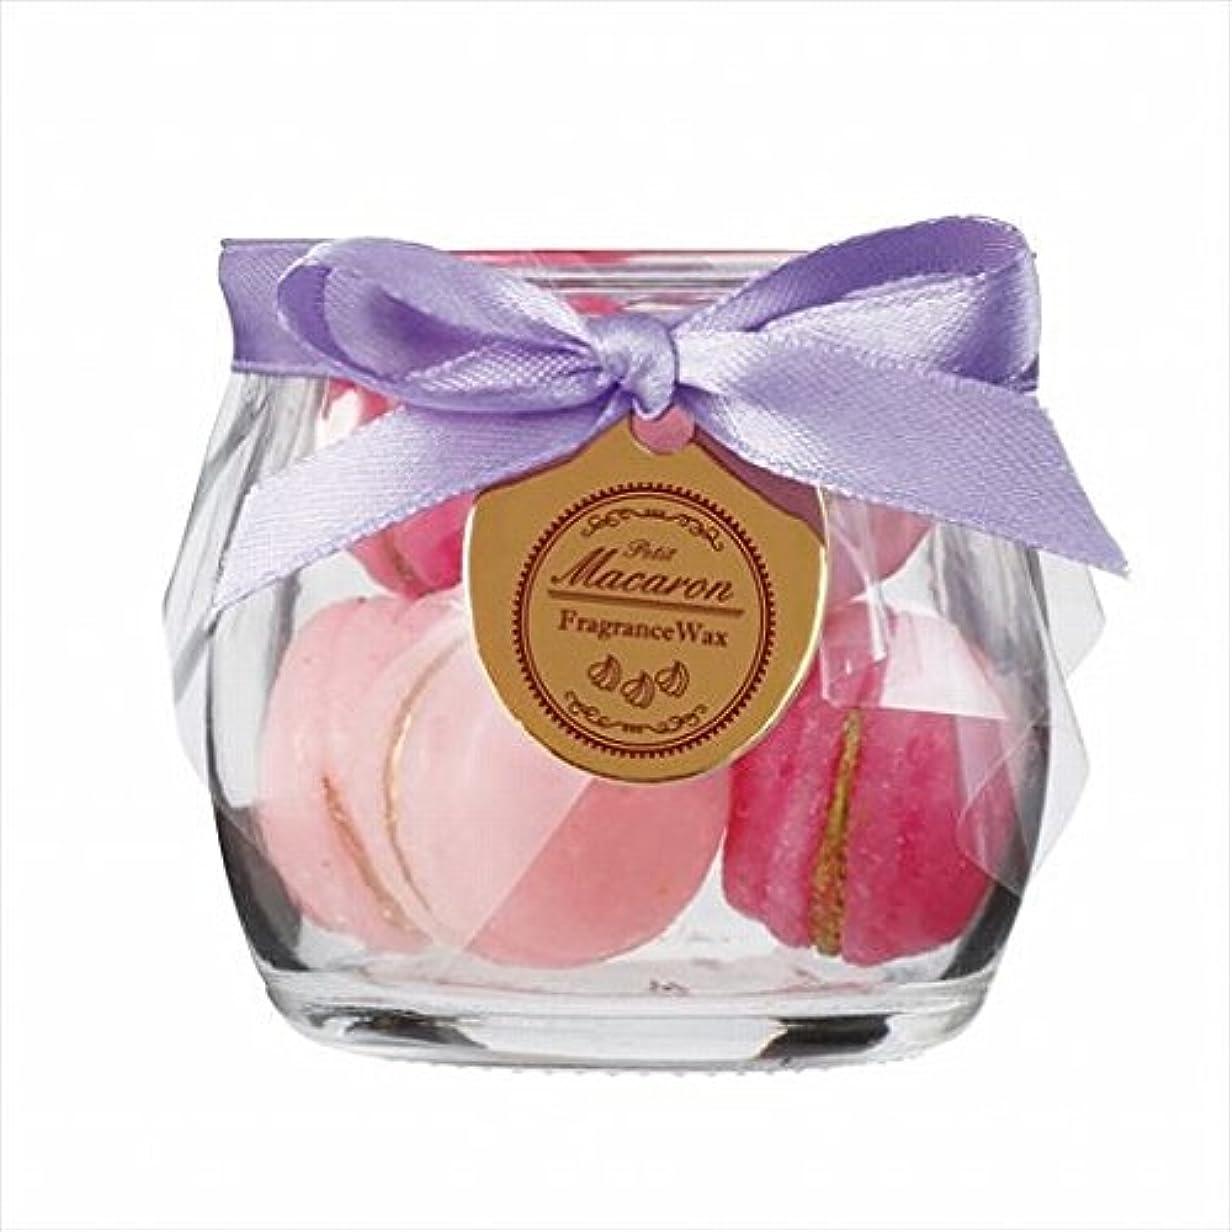 統治するよろめく不満スイーツキャンドル( sweets candle ) プチマカロンフレグランス 「 バニラ 」 キャンドル